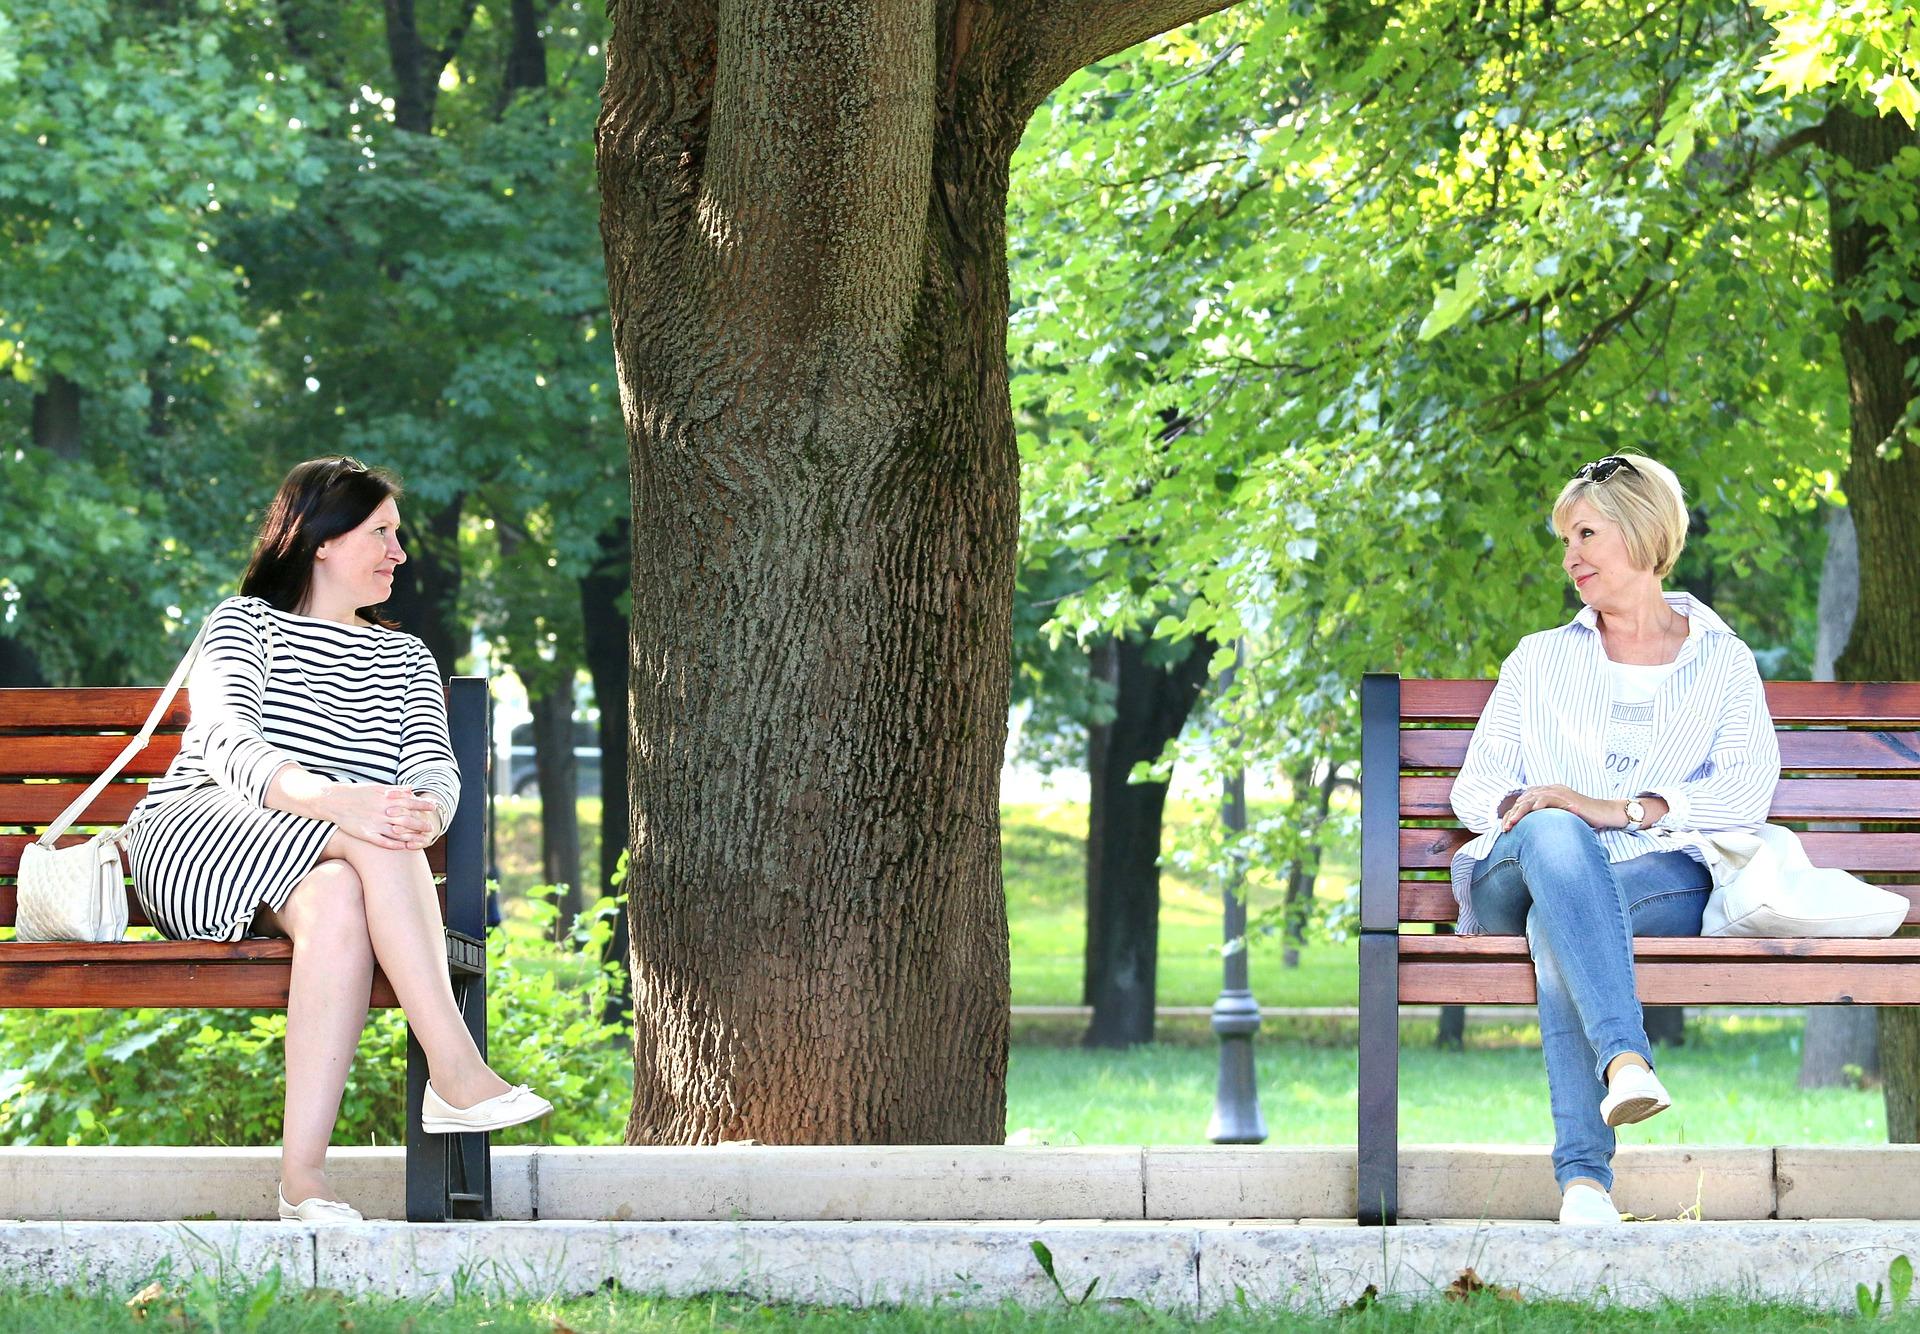 異なるベンチに座っている二人の女性が会話をしている様子